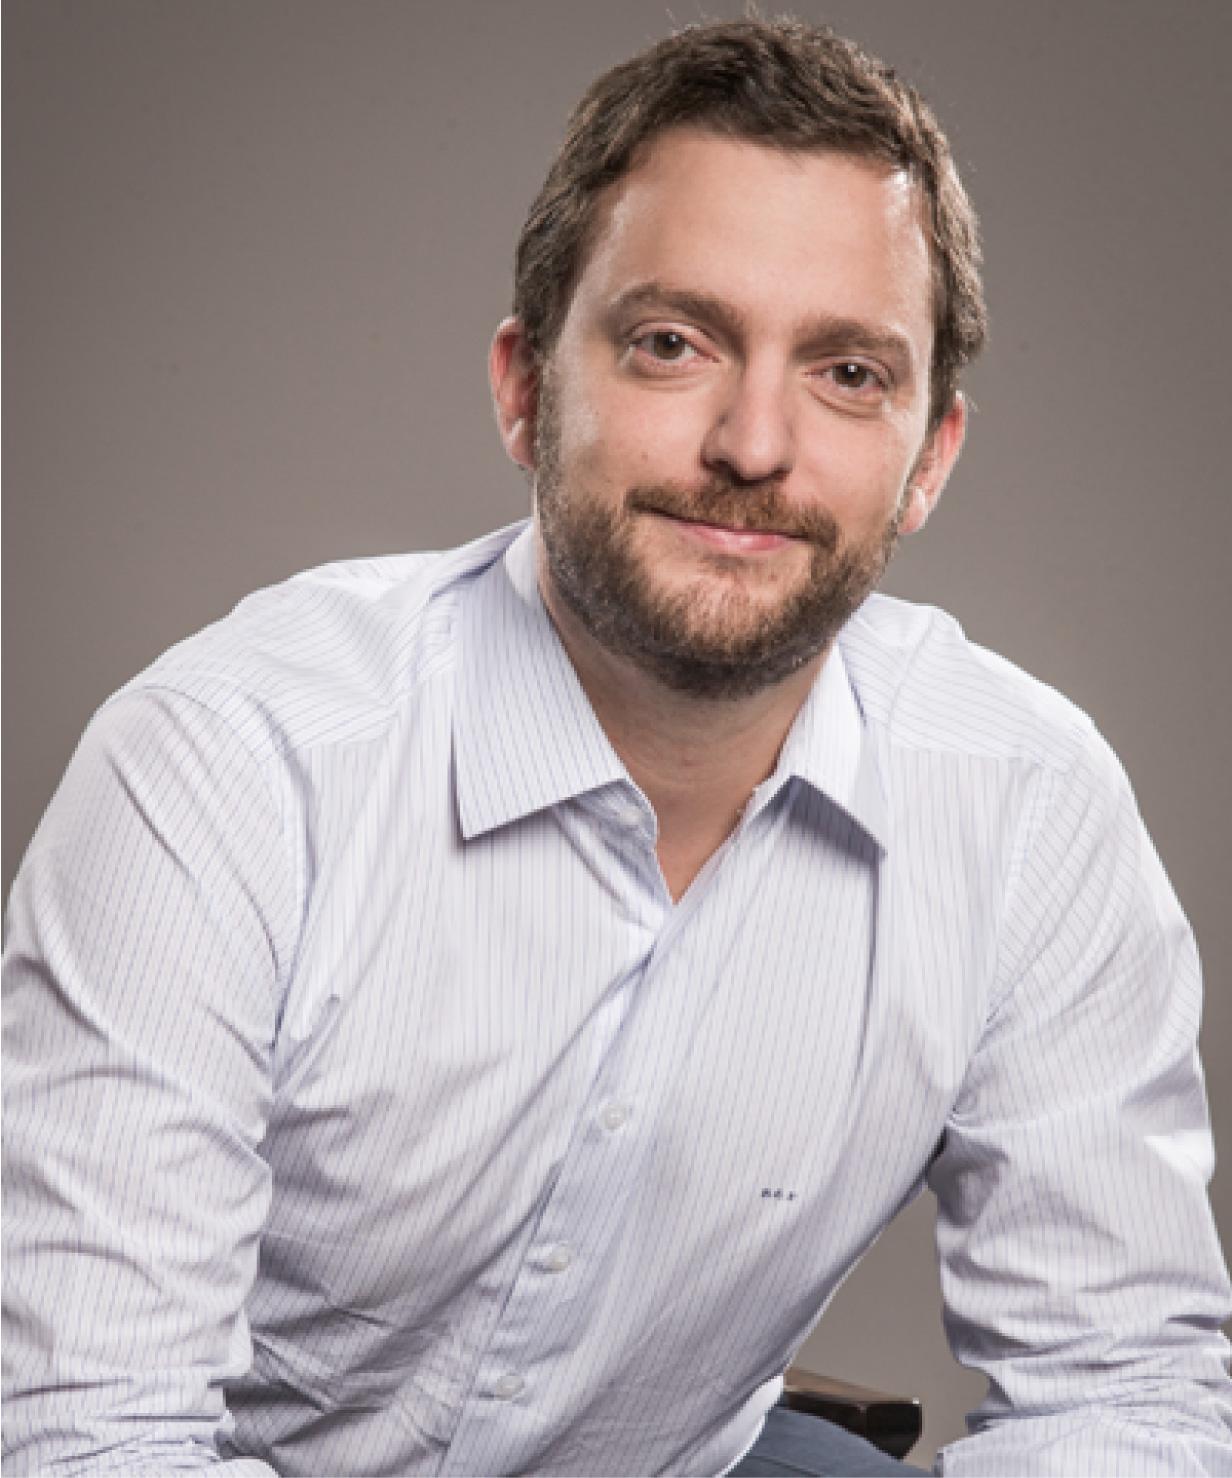 Marcelo Perlman